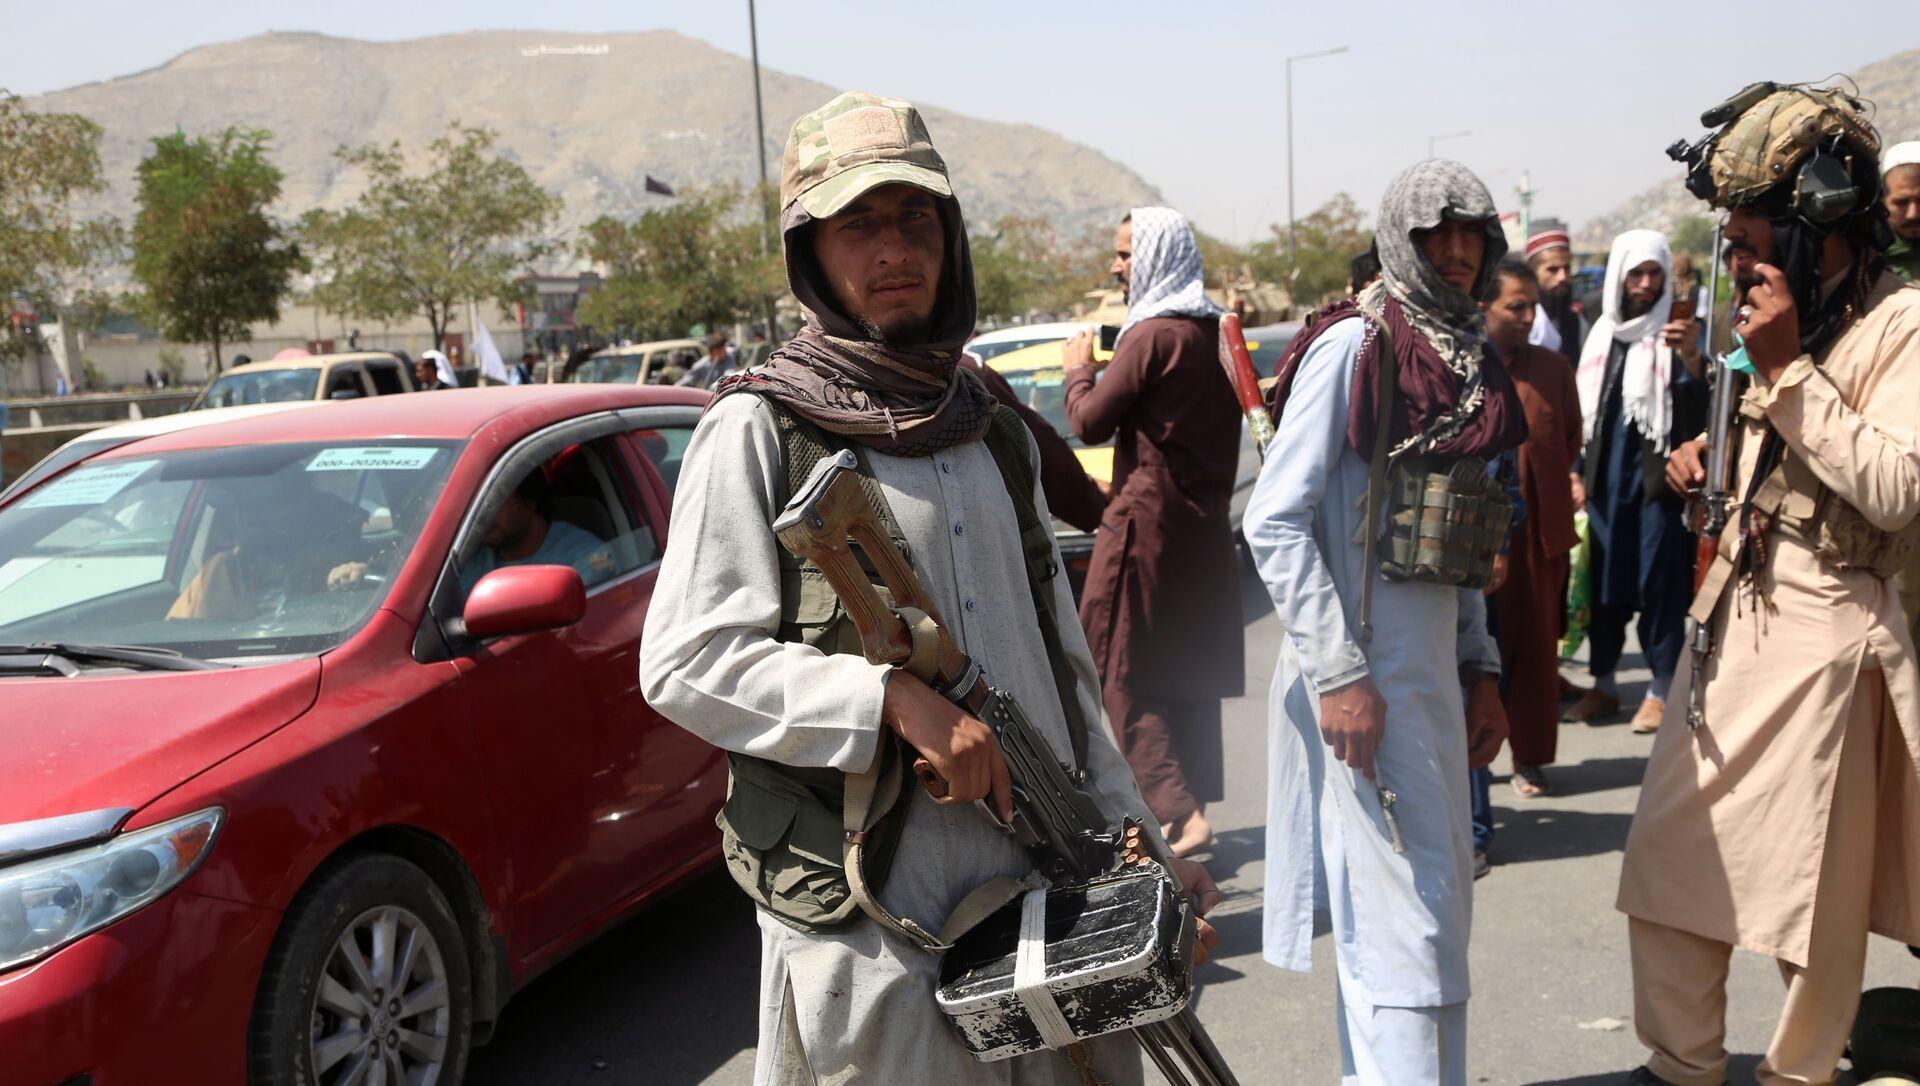 Situation en Afghanistan après le retour des talibans* au pouvoir, août 2021 - Sputnik France, 1920, 11.09.2021